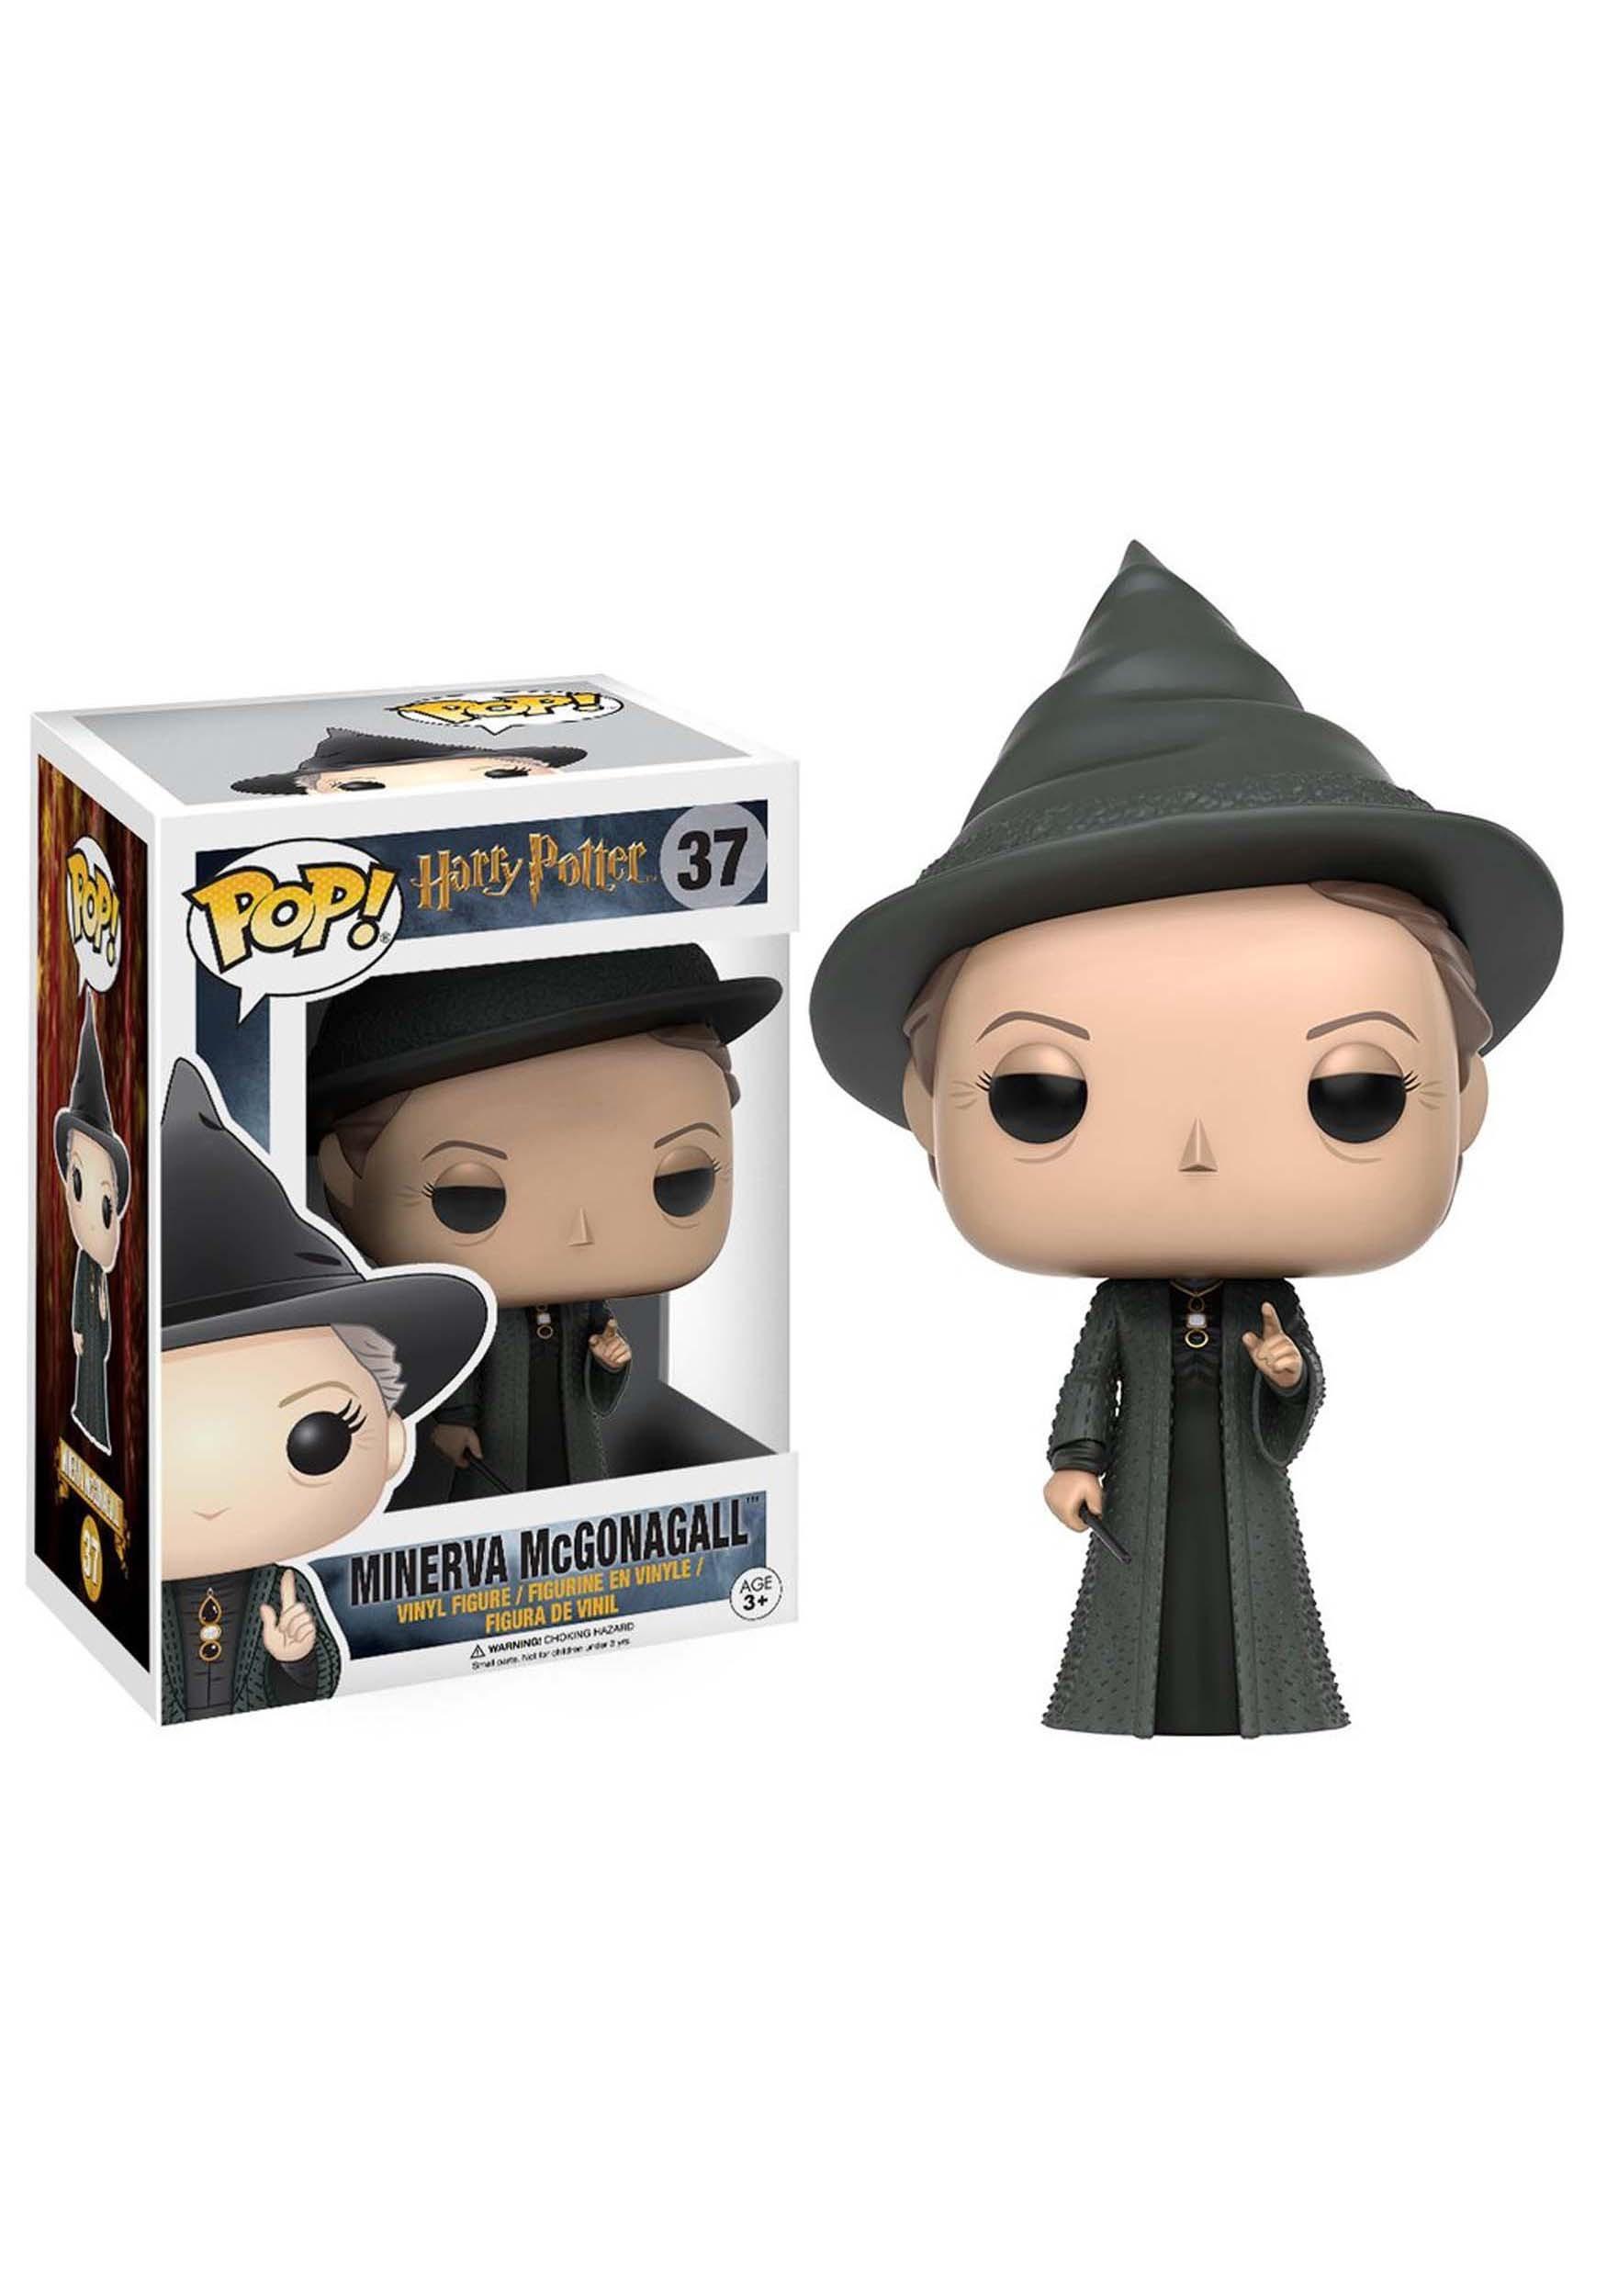 POP! Harry Potter: Minerva McGonagall Figure